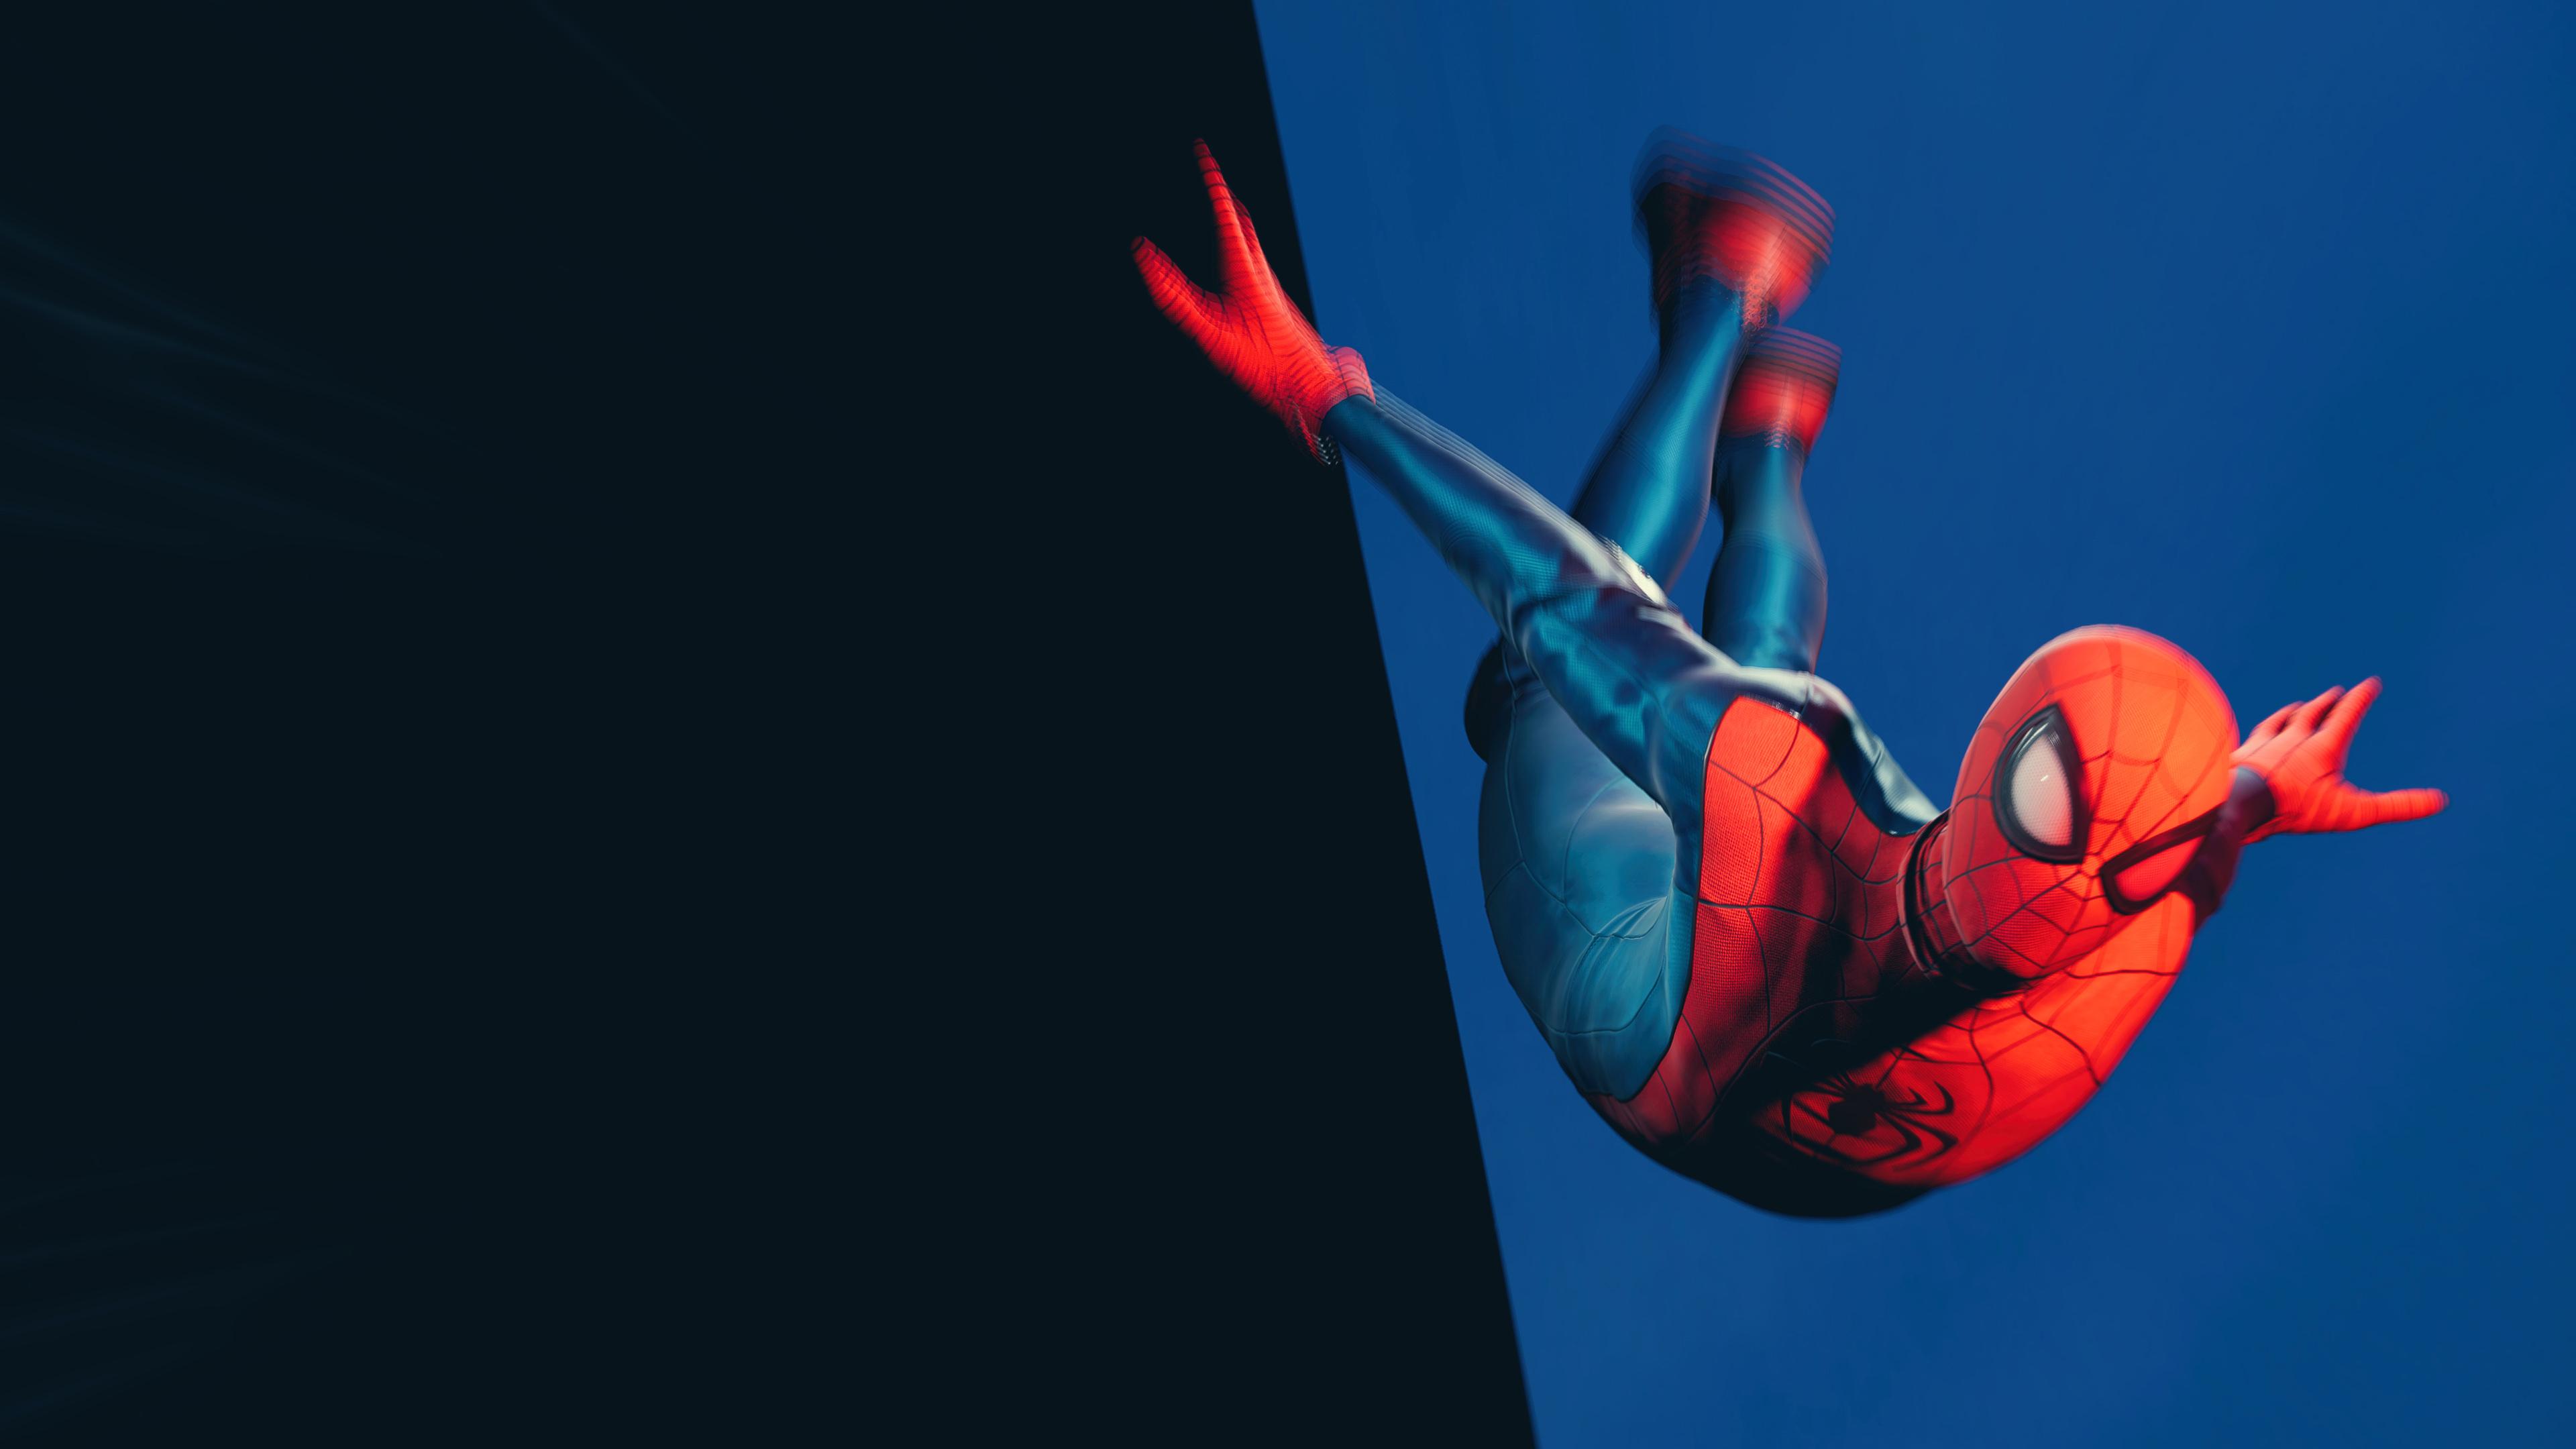 marvel-spider-man-miles-morales-jumping-4k-io.jpg